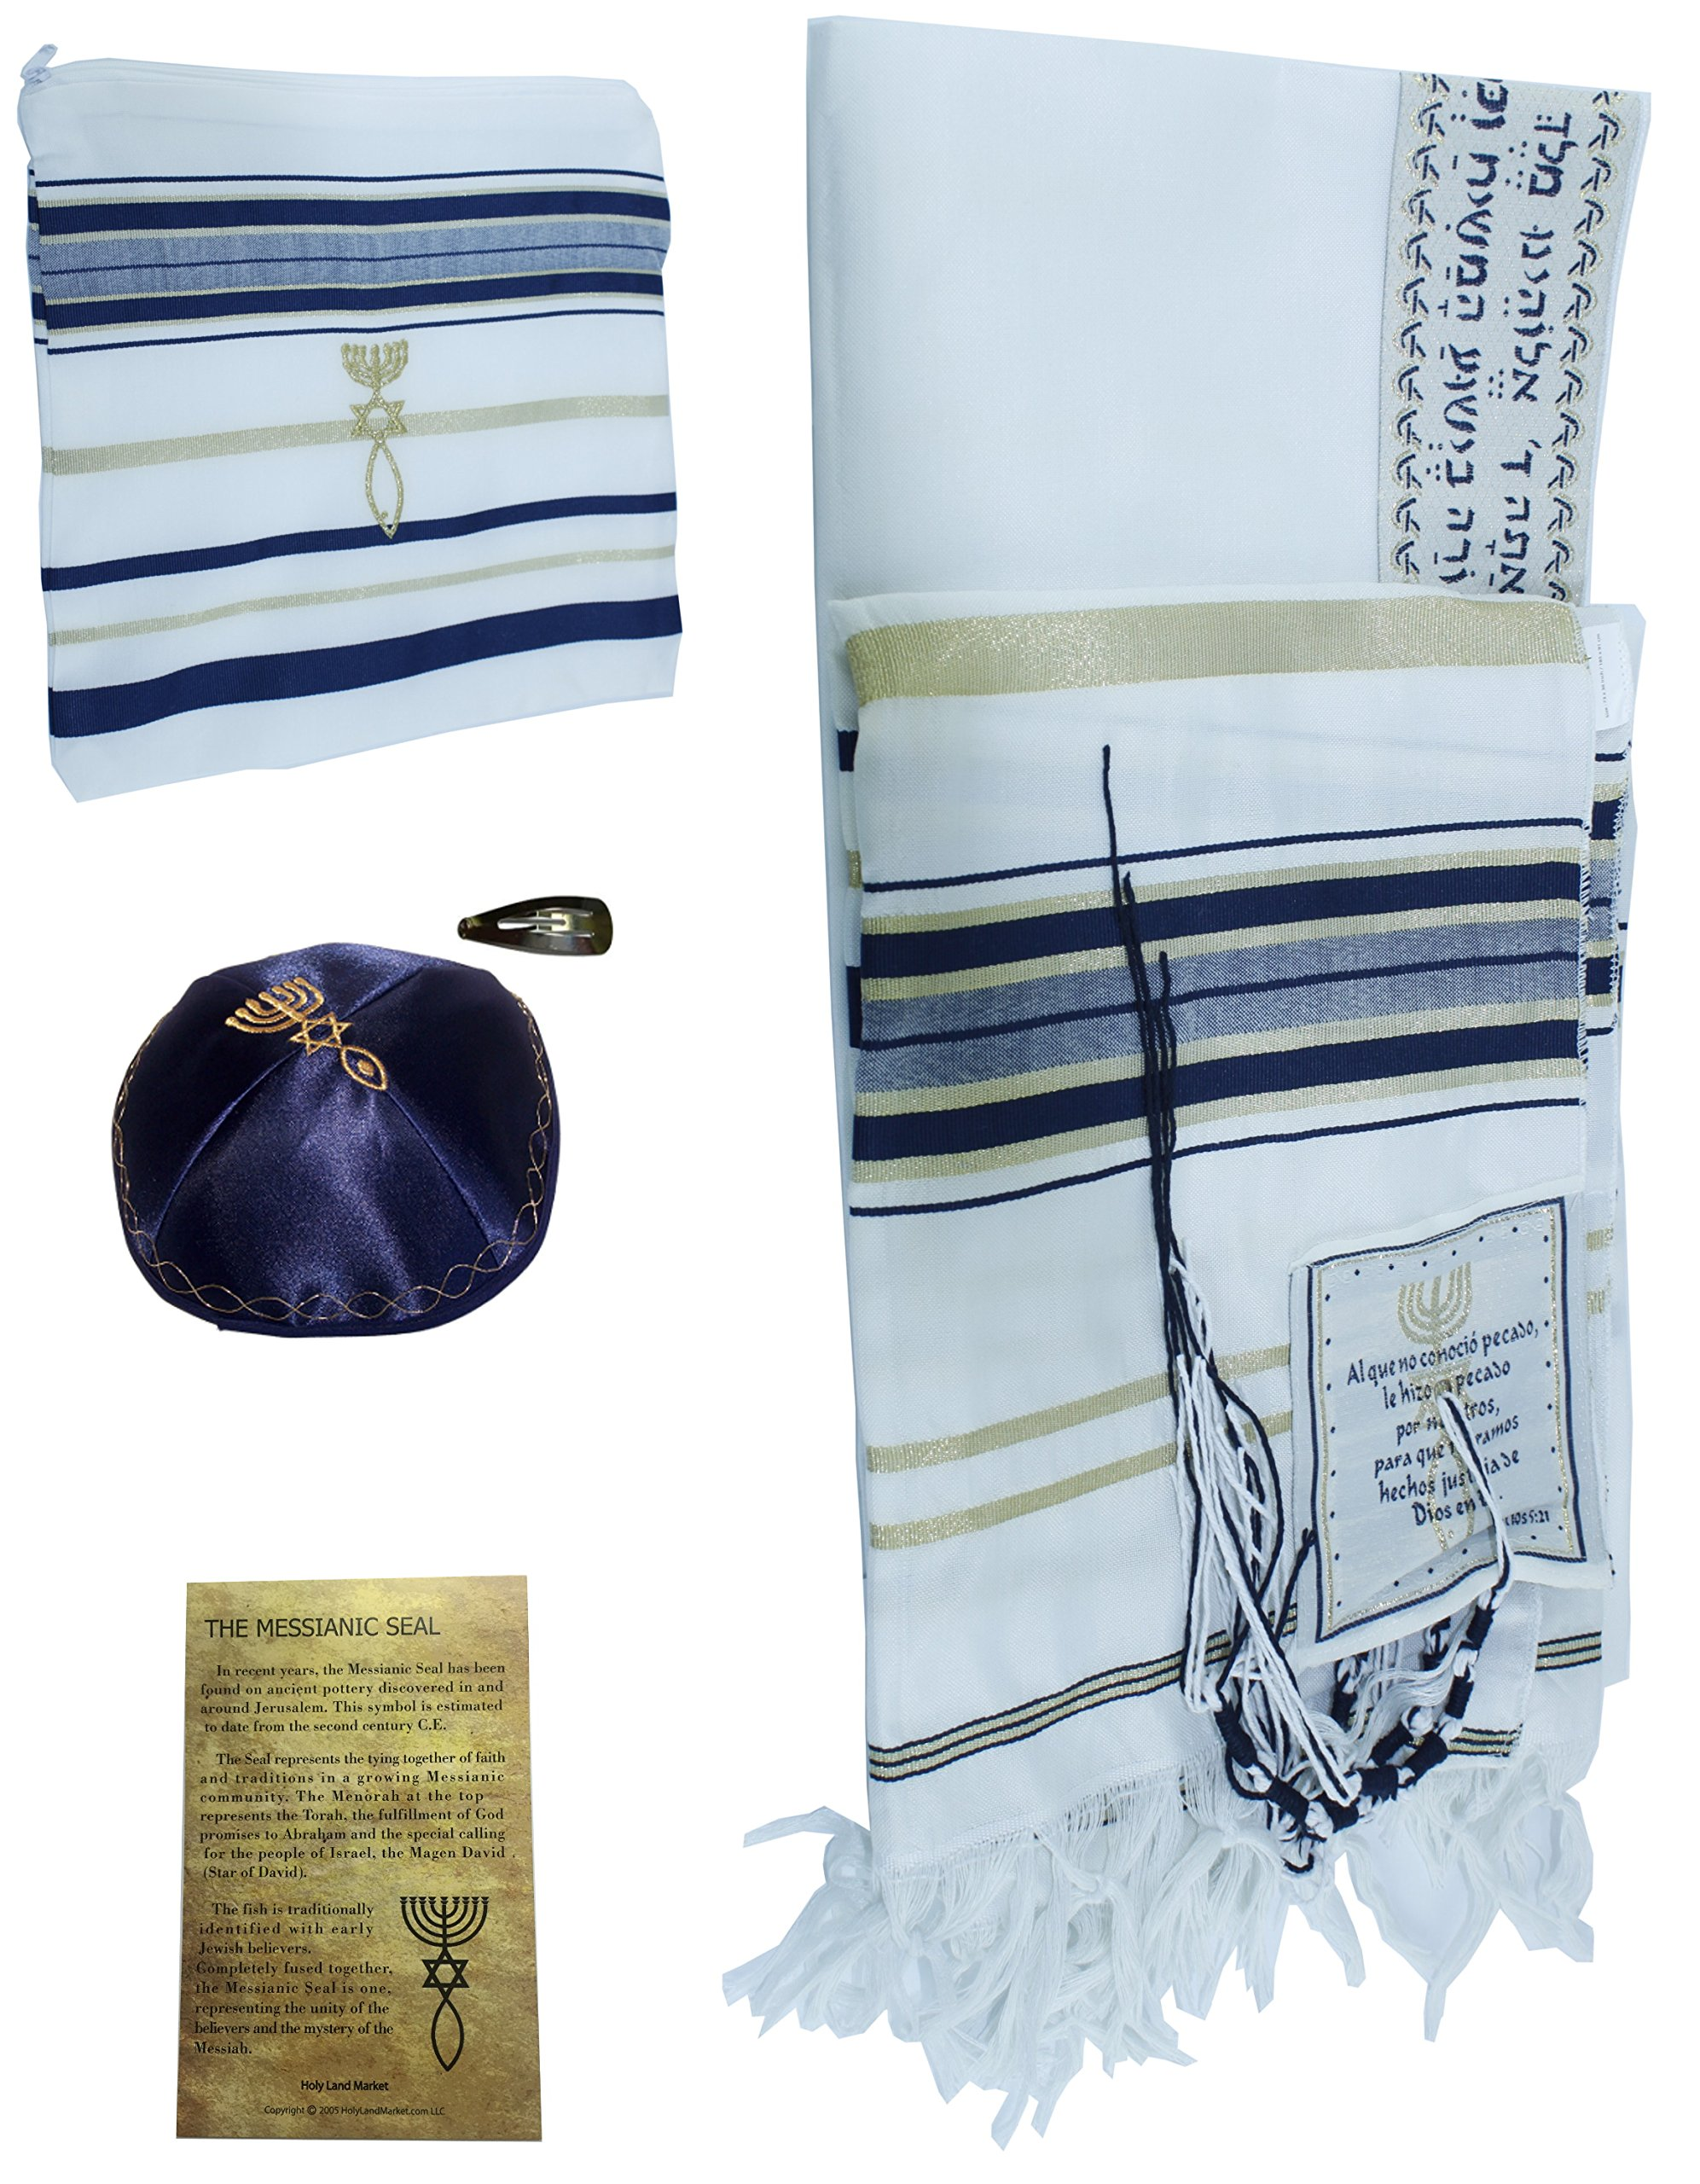 El Tallit con Kippah - Manto (Mantón) de oración mesiánico - Talit con versículos dela Biblia/esquinas españolas (Medium) (Dark Blue Medium with Kippah)